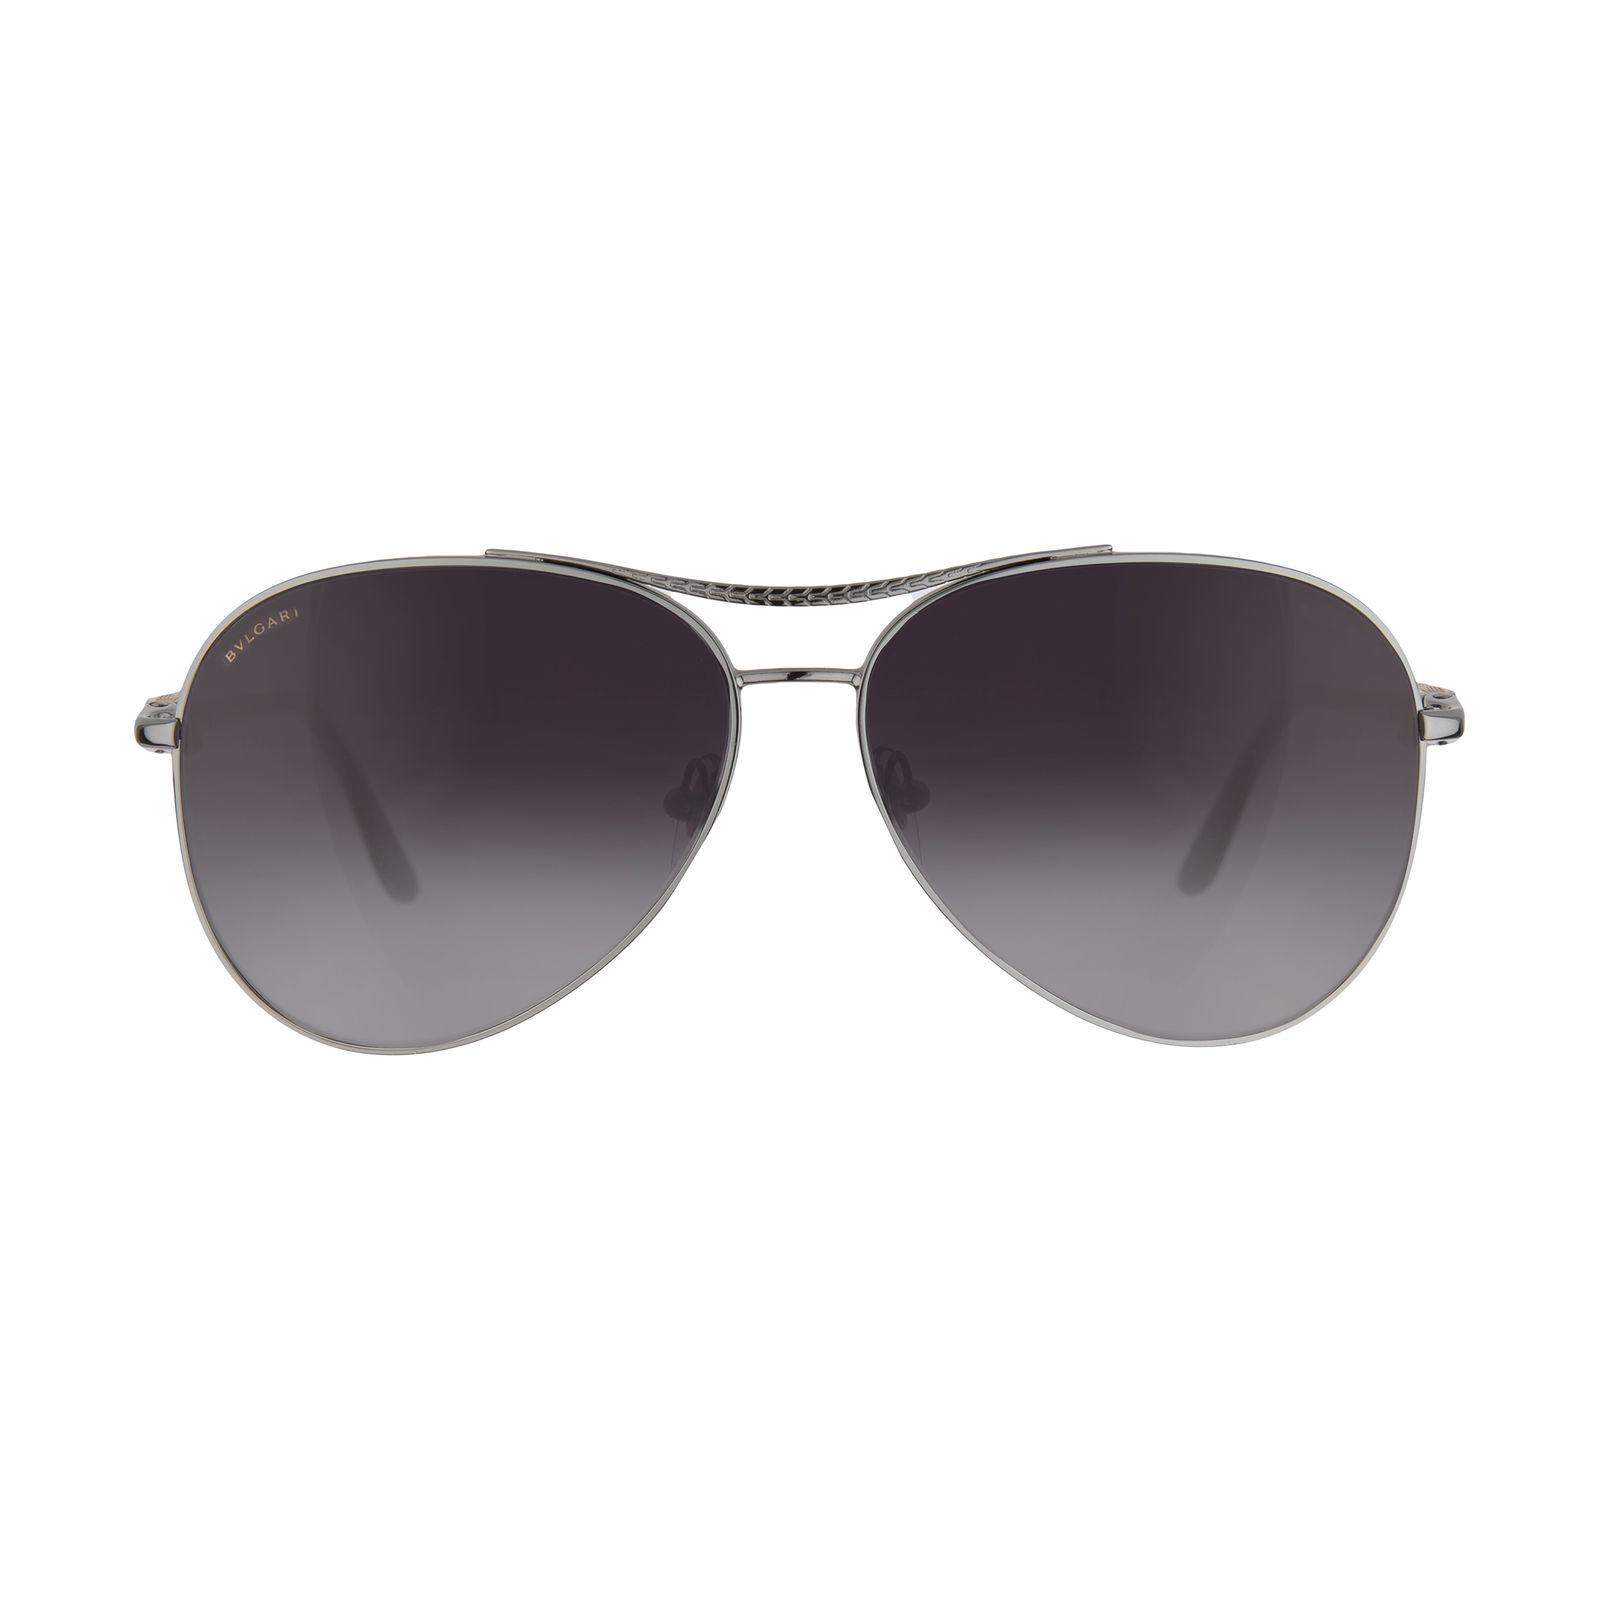 عینک آفتابی زنانه بولگاری مدل BV6075S 01038G -  - 2